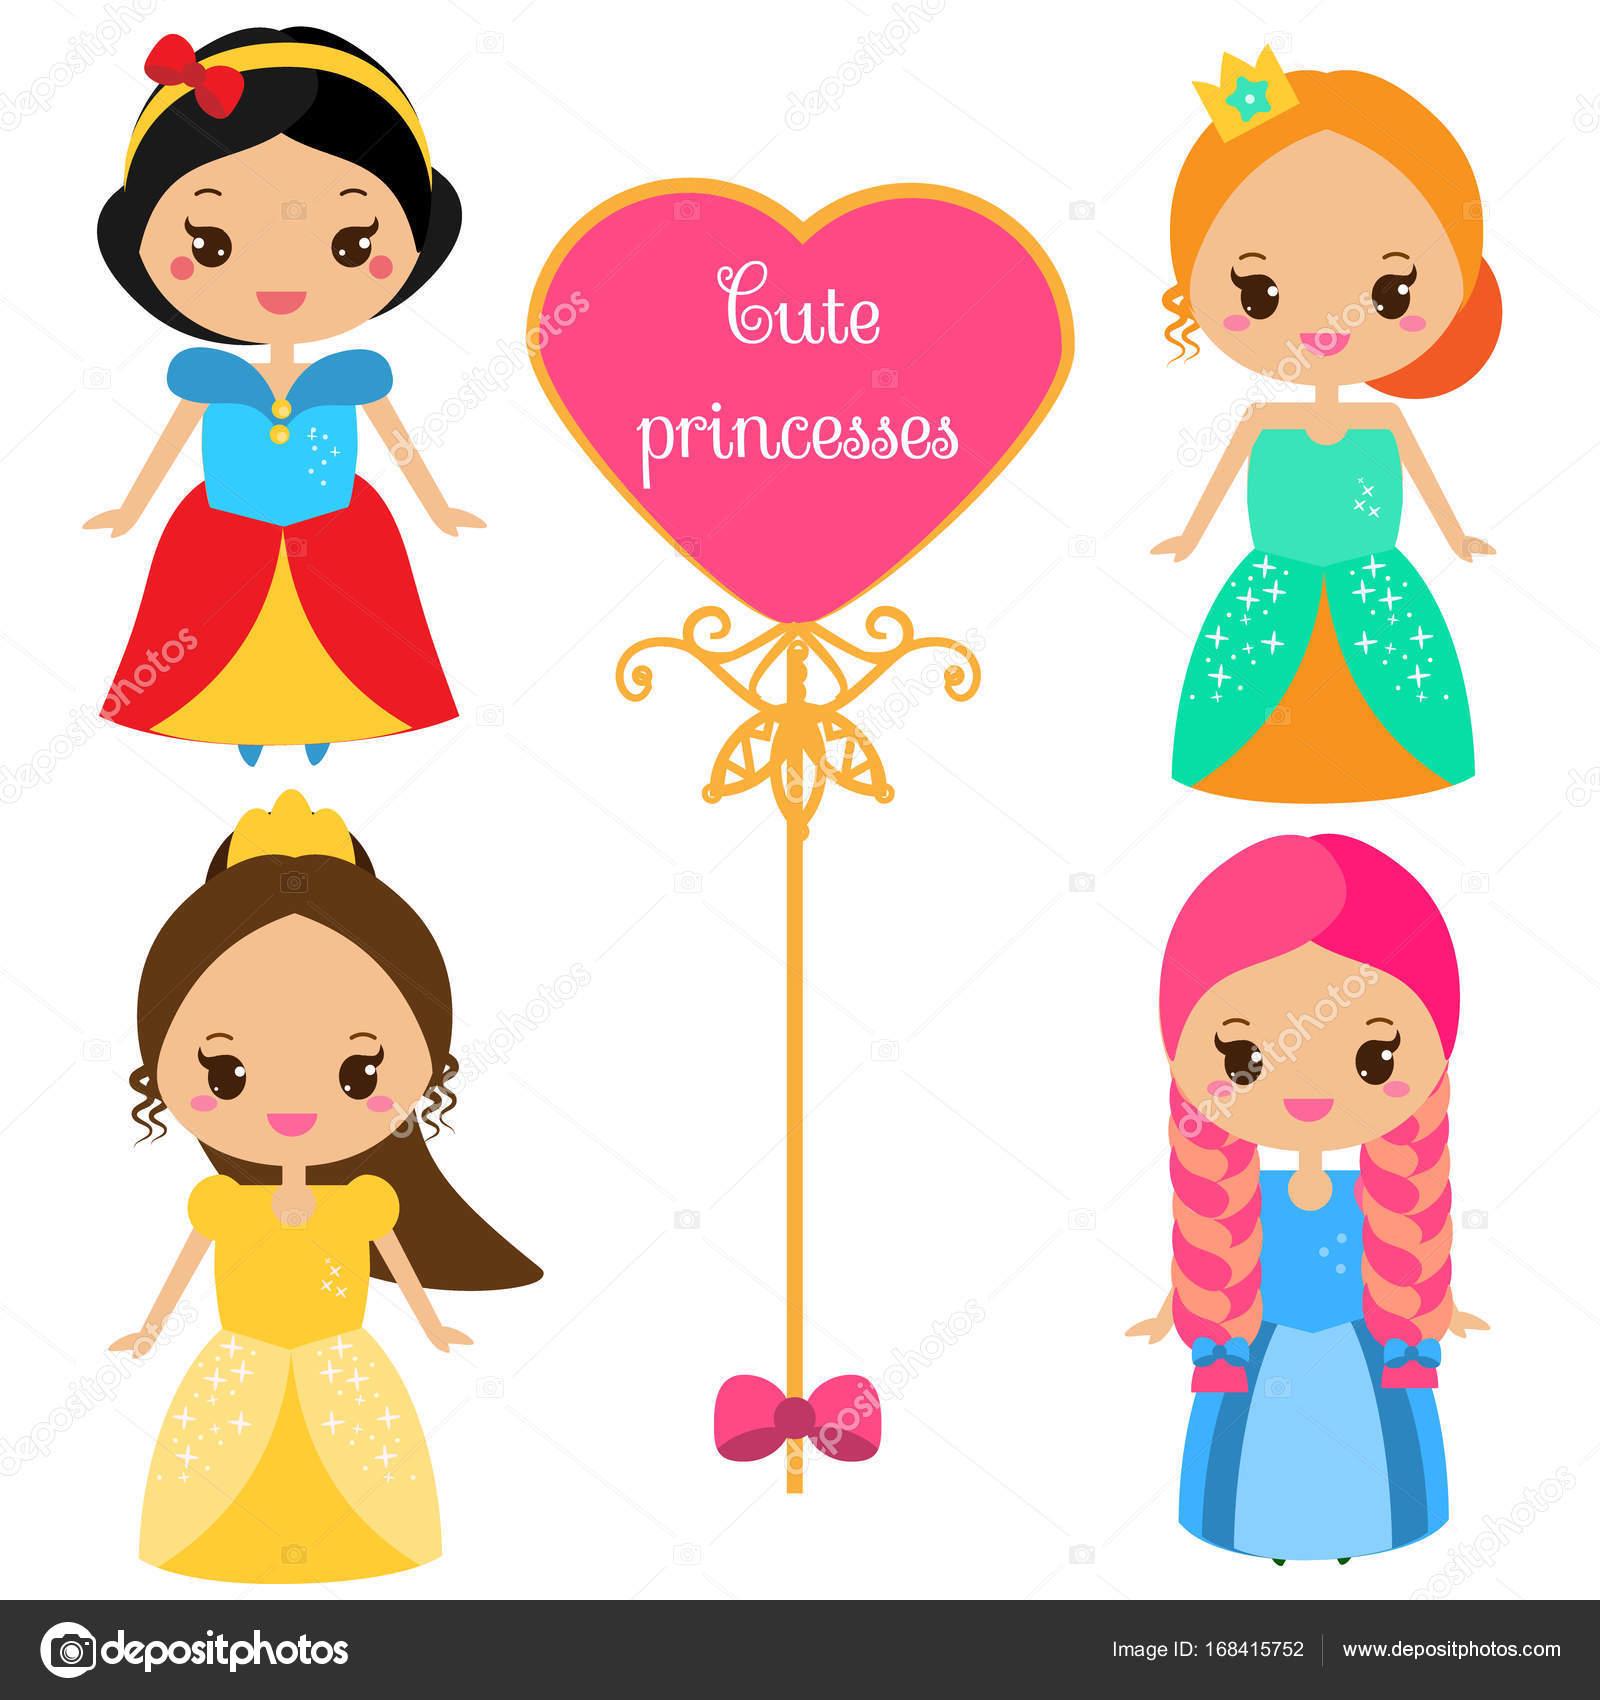 かわいいスタイルのカラフルなドレスでかわいいお姫様女王の衣装の